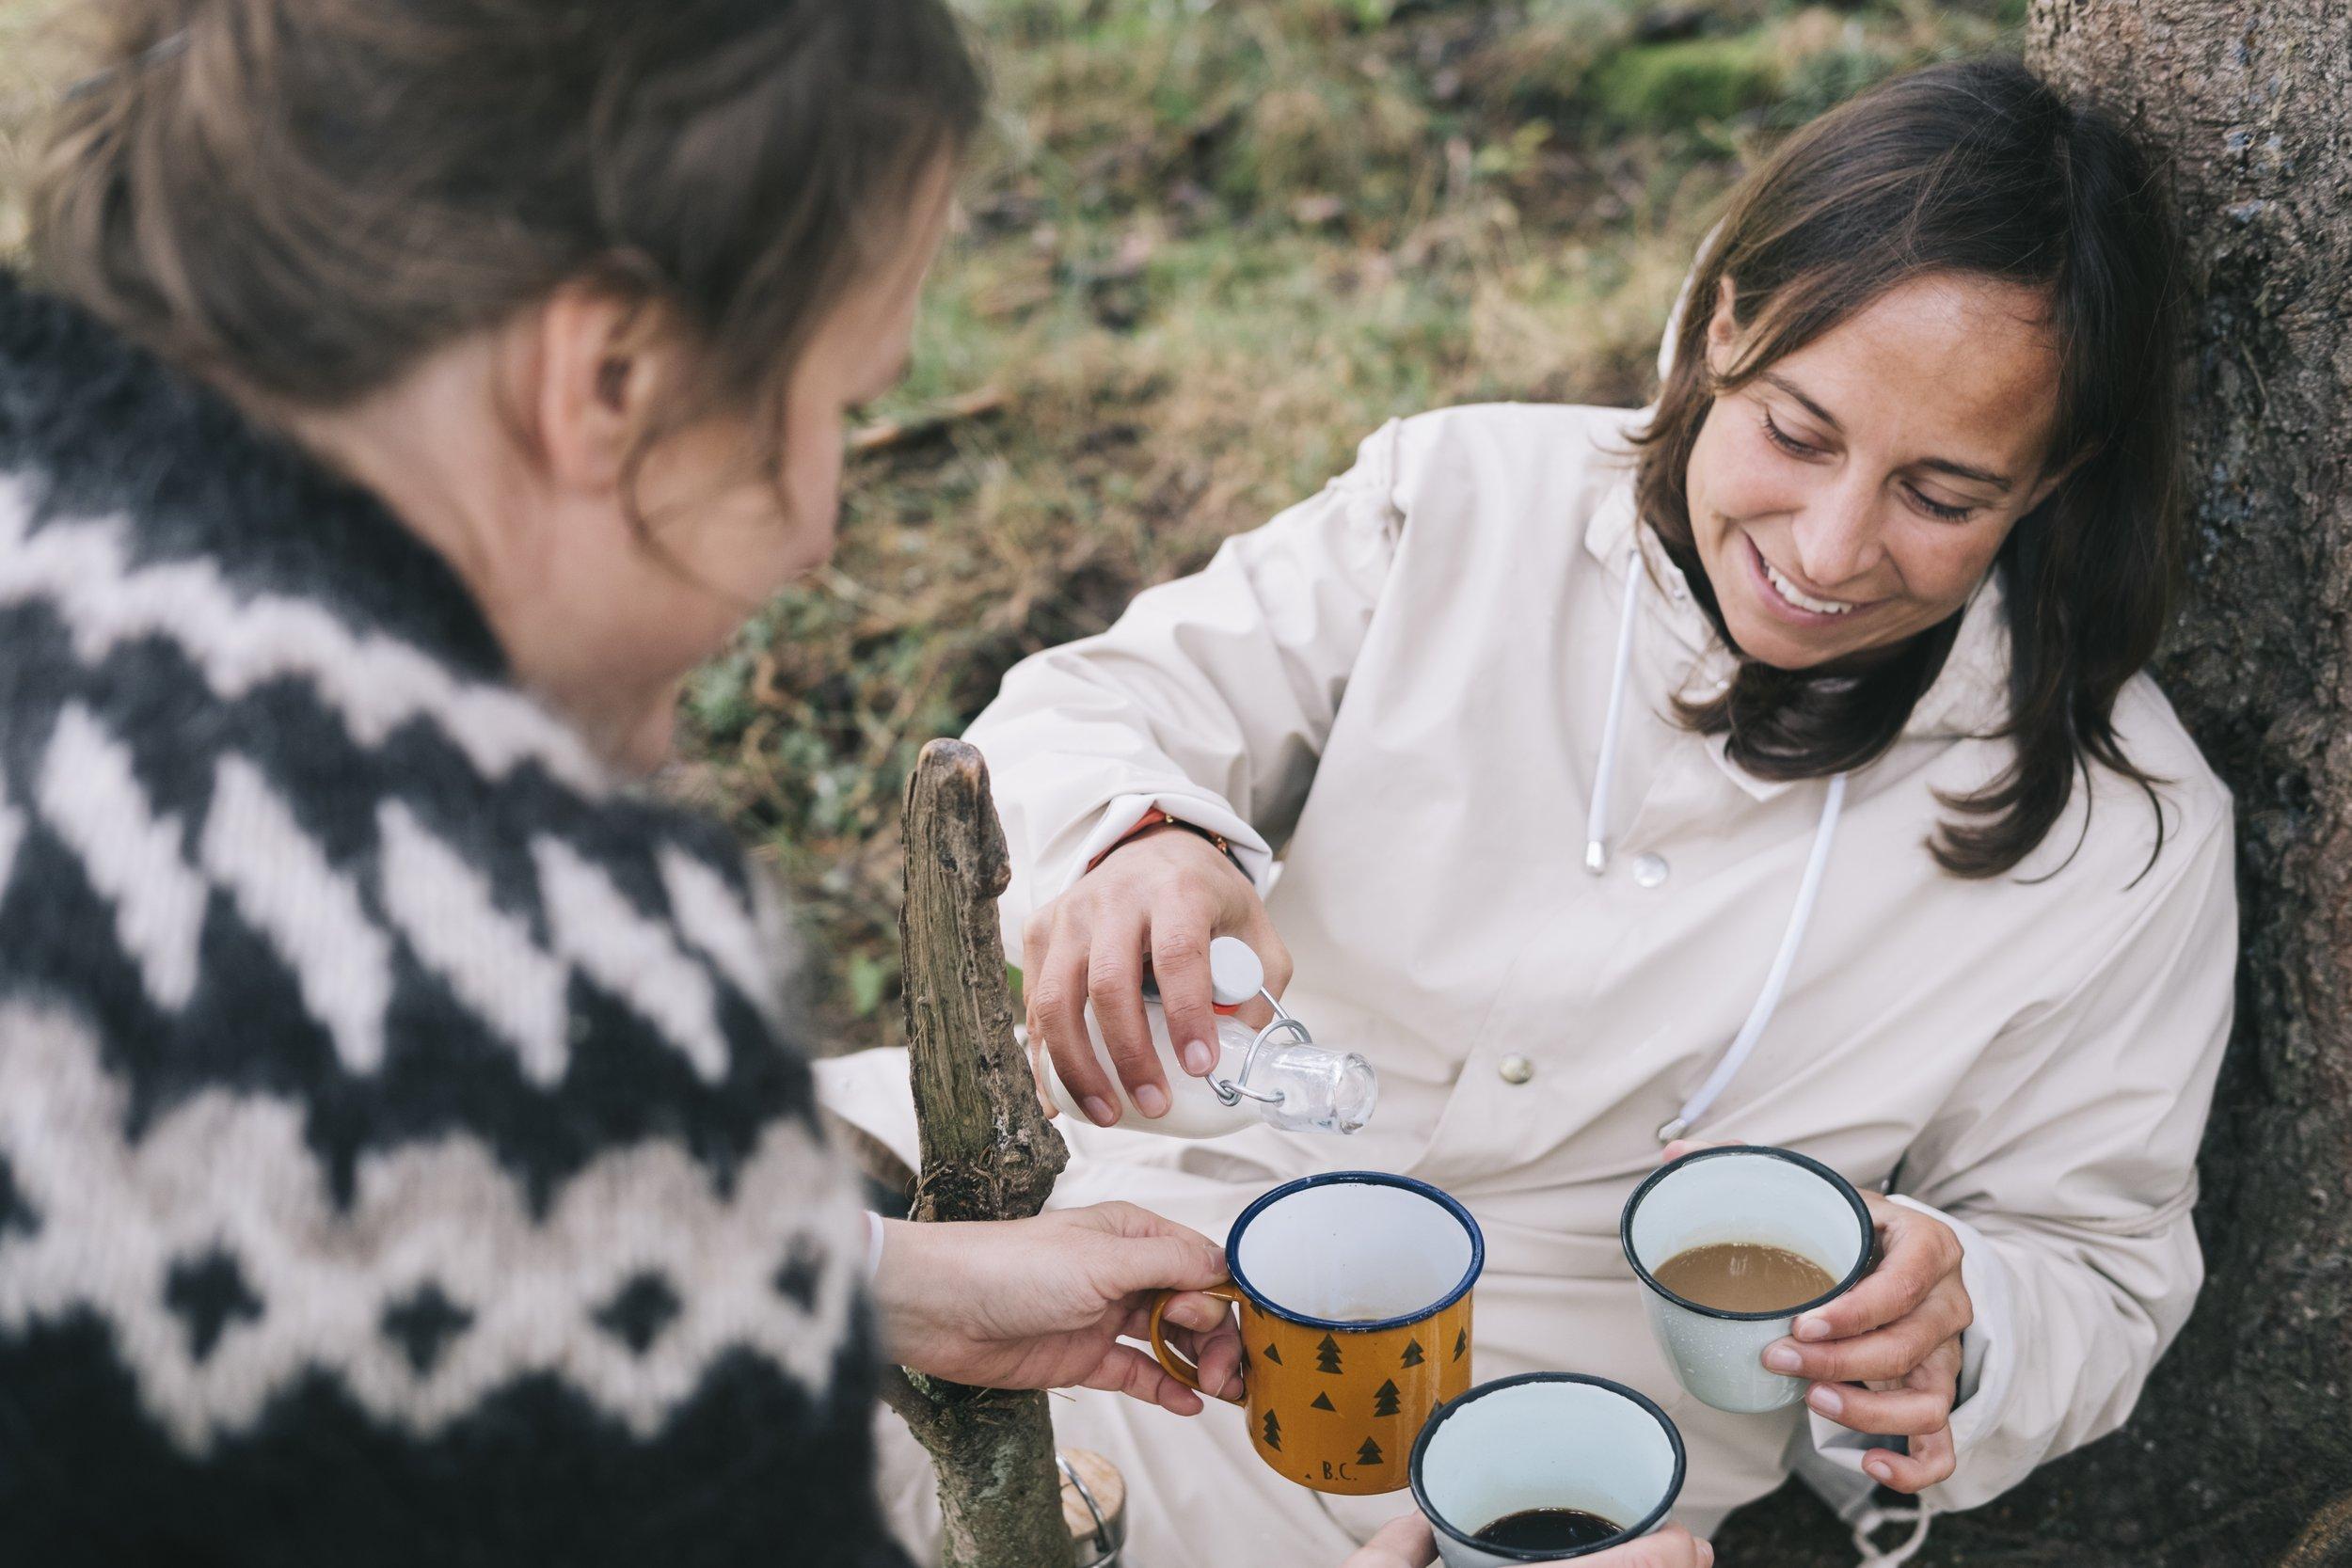 Too much rain und kein Wasser für Kaffee dabei. Rooibostee in der Mocca: Das geht! Tastespotting unter der Juratanne.